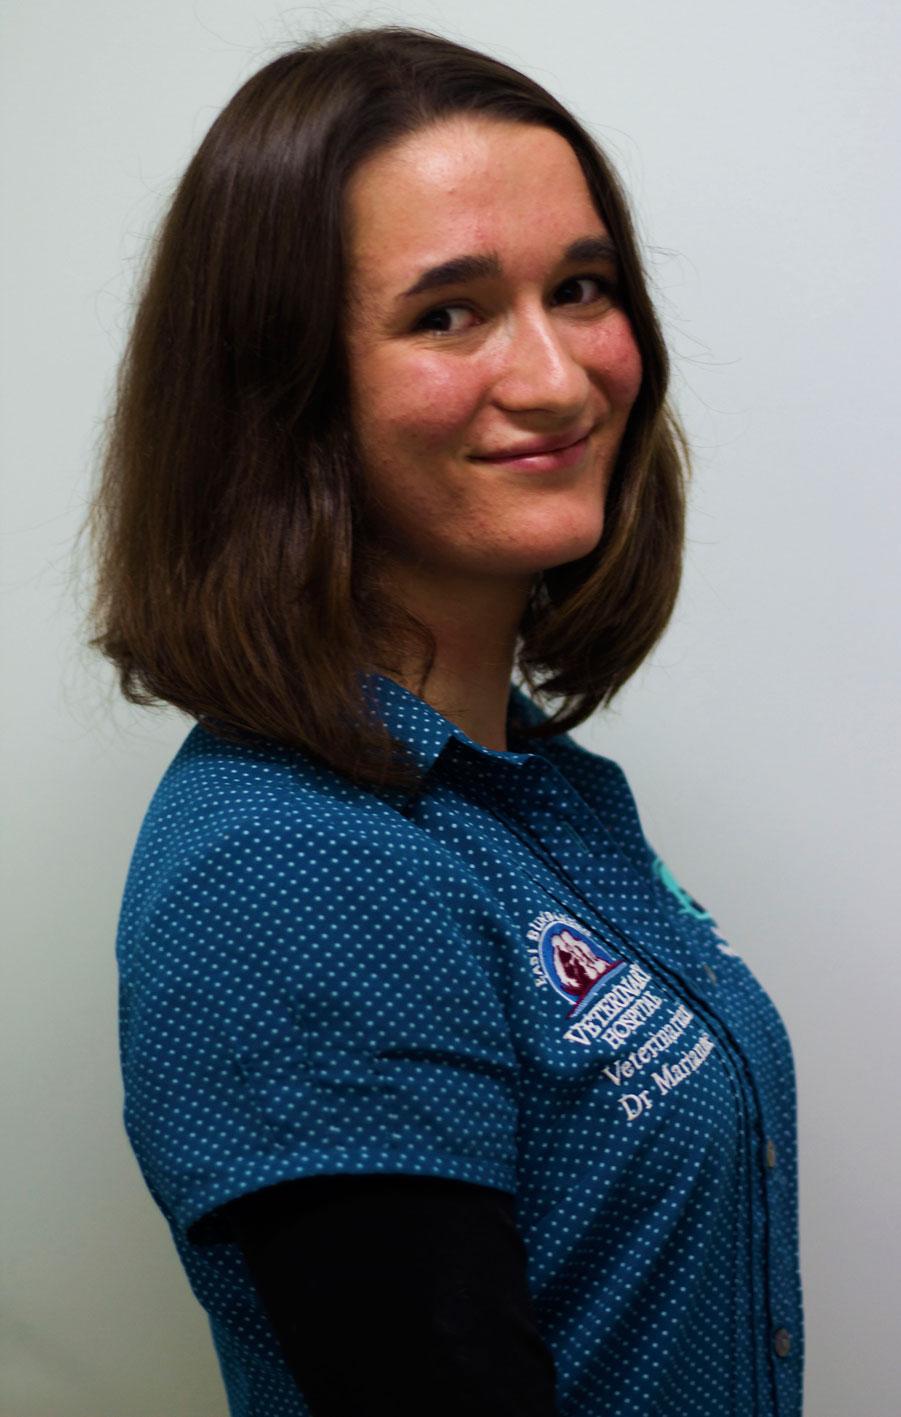 Dr Marianne Curran